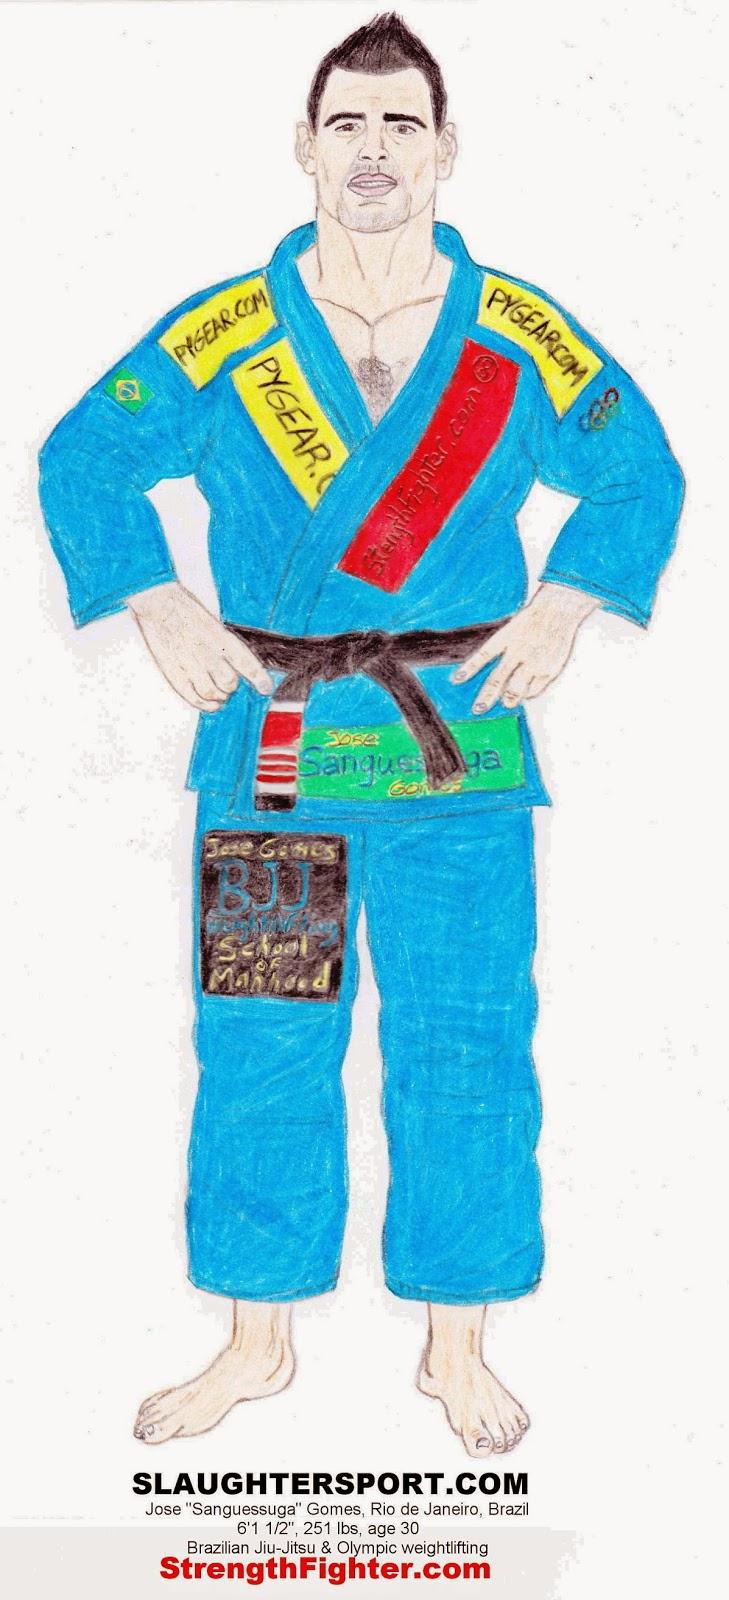 The Leech: Brazilian Jiu Jitsu master & strongman